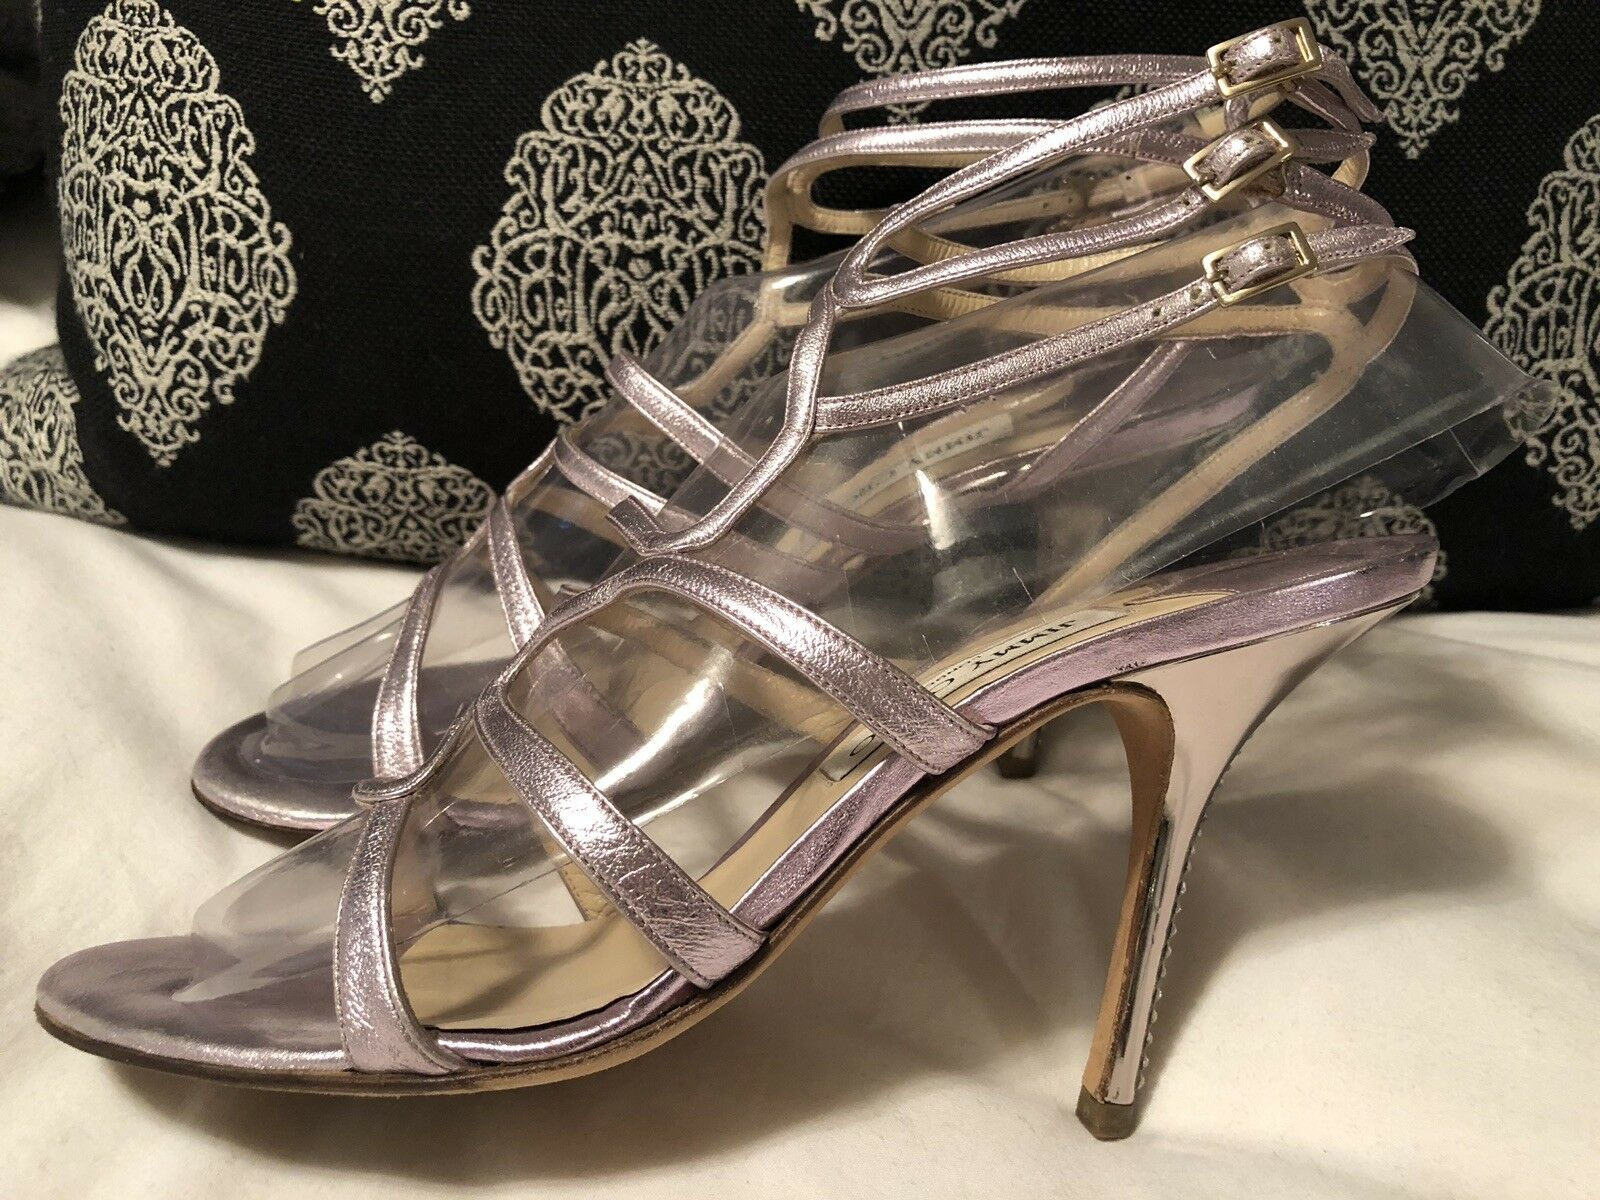 JIMMY CHOO Crystal Lavendar lila Metallic Strappy Sandals Heels 40 10 Bridal